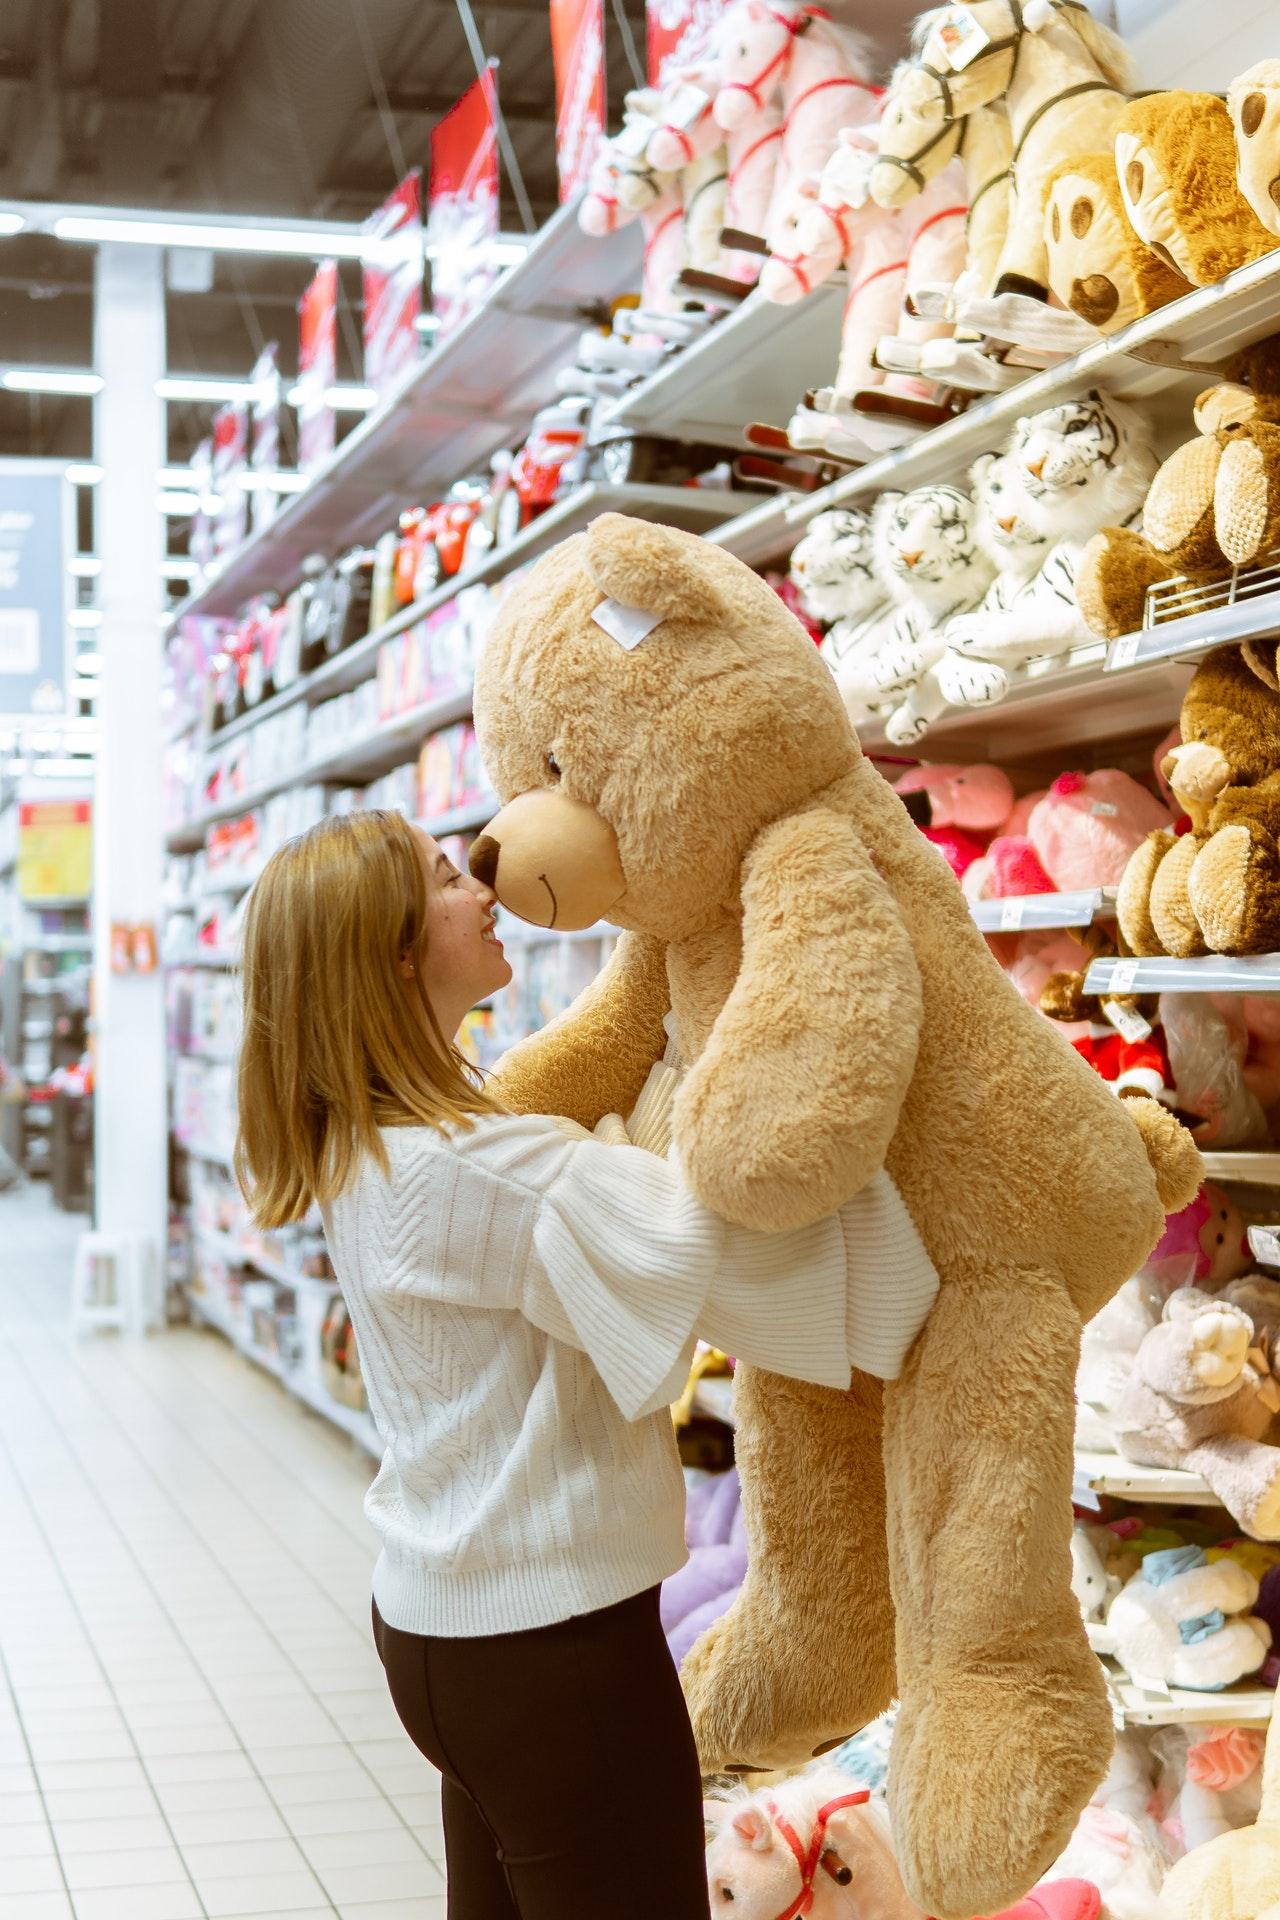 Een speelgoedwinkel biedt vaak een klantendienst of een klantenservice aan. Een winkel zal een telefoonlijn hebben om te bellen als ze ooit een probleem krijgen met het speelgoed van een klant. Sommige speelgoedwinkels hebben een formulier op hun website dat gemakkelijk kan worden gevonden, om de klant te helpen het juiste speelgoed te kiezen om te kopen.  Van de vele speelgoedwinkels op Internet zijn sommige reuzen, terwijl andere kleine exploitanten zijn die een klantenservice bieden die redelijk gelijkwaardig is aan die van de grote ondernemingen. Sommige zijn internationaal, sommige binnenlands, sommige gevestigd in de V.S. en sommige verspreid over de hele wereld. De rest biedt een verscheidenheid aan speelgoed van allerlei genre, en elke klant zal speelgoed vinden dat niet alleen aan zijn eigen criteria voldoet, maar ook aan die van de klanten die hij bedient.  De speelgoedinkoper wil dat de winkel alleen speelgoed in voorraad heeft waarvan bewezen is dat het veilig is, van karakterspeelgoed (bijvoorbeeld filmsterren, politici en andere die poppen zijn) tot speelgoed dat kinderen nodig hebben. Om een eerlijke vergoeding voor het speelgoed te krijgen, moet het speelgoed veilig zijn en afkomstig van een instemmende volwassene.  Zelfs in gevallen waarin de speelgoedwinkel speelgoed aan een klant heeft uitgedeeld, wil de klant het speelgoed vaak terugsturen. Het terugstuurproces wordt verschillend behandeld, afhankelijk van het bedrijf. Sommige bedrijven helpen de klant door krediet op toekomstige aankopen aan te bieden, of staan de klant toe een toekomstige ruil te ruilen tot het moment komt dat de klant een ander stuk speelgoed zou willen kopen. Andere bedrijven zullen deze stimulansen niet aanbieden, maar zullen in plaats daarvan de klant een volledige terugbetaling geven, zonder vragen te stellen. De klant verpakt het speelgoed gewoon in dozen, en stuurt het terug naar het bedrijf.  Zelfs mensen die zichzelf niet als bijzonder intellectueel beschouwen, kunnen 